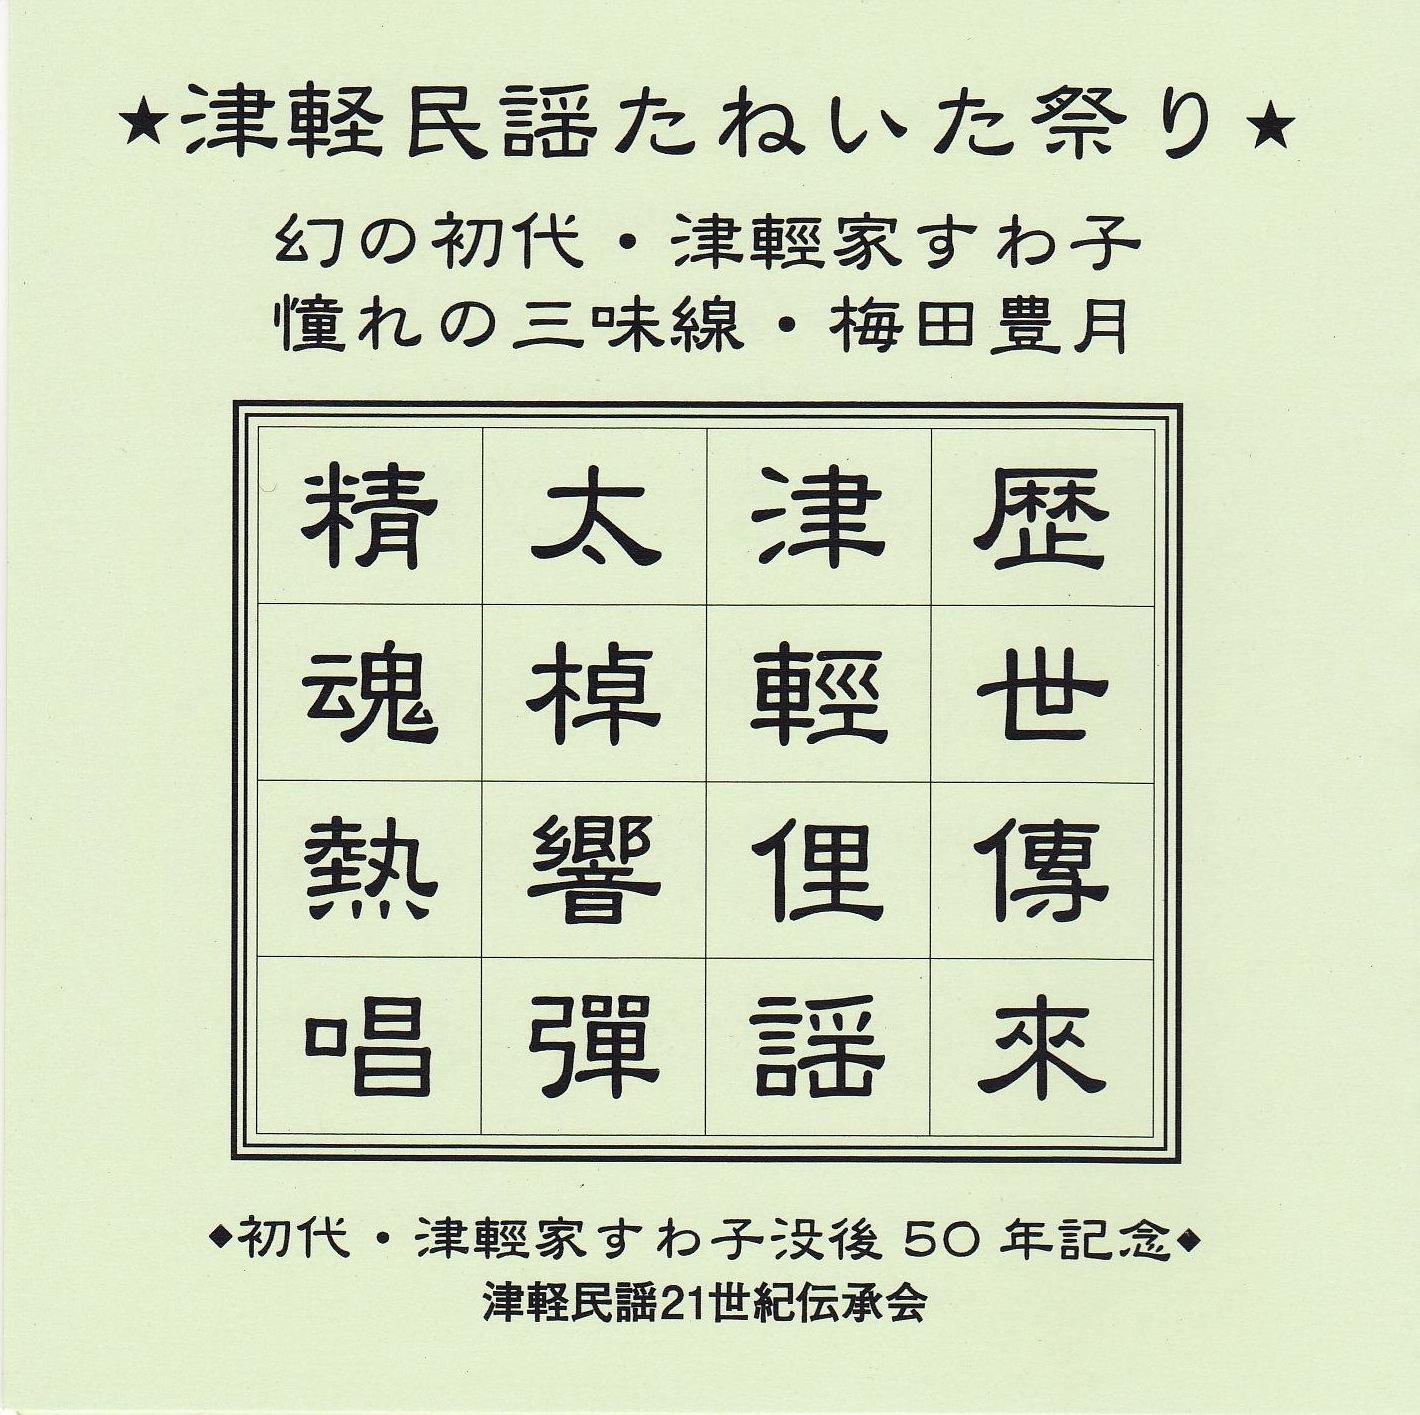 津軽民謡たねいた祭り[3753]